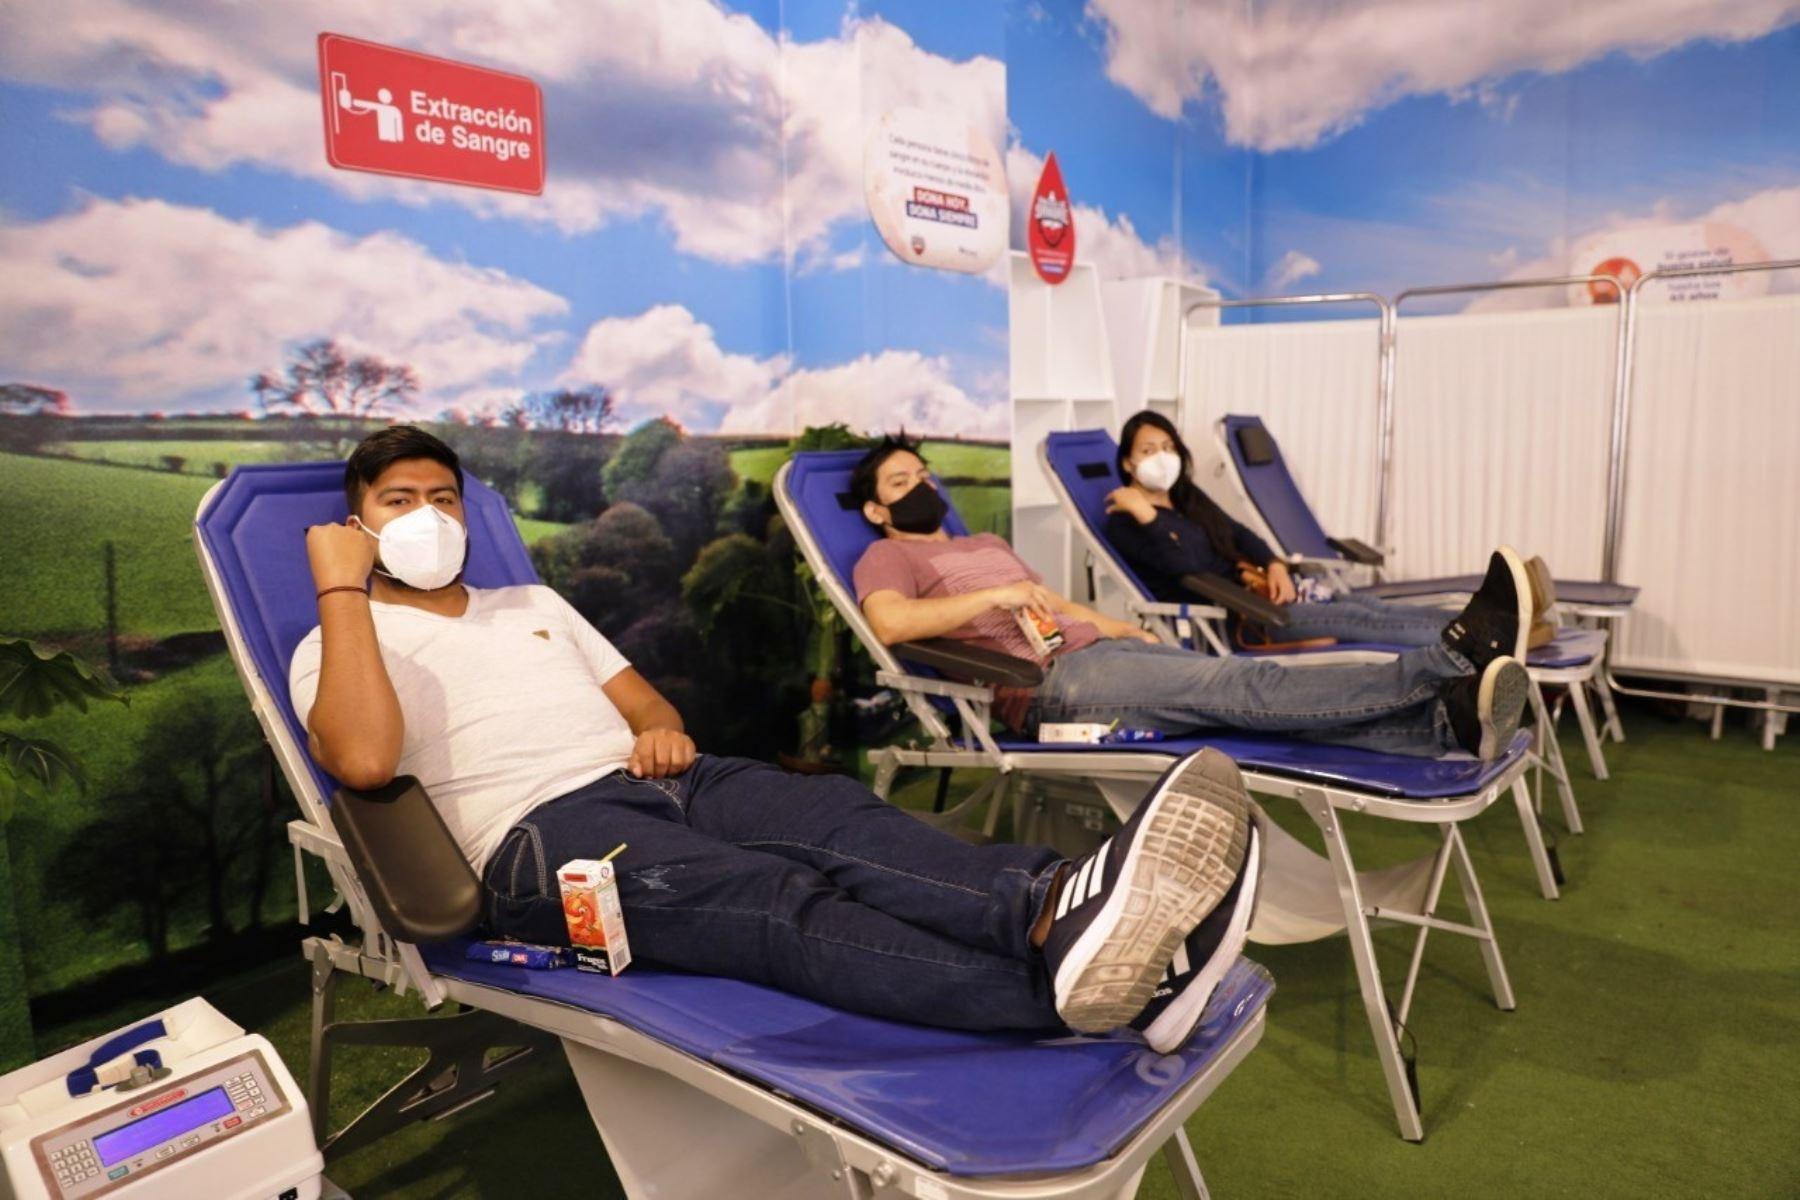 EsSalud reúne cerca de 5,000 unidades en sangre solo en Lima durante emergencia. Foto: ANDINA/Difusión.